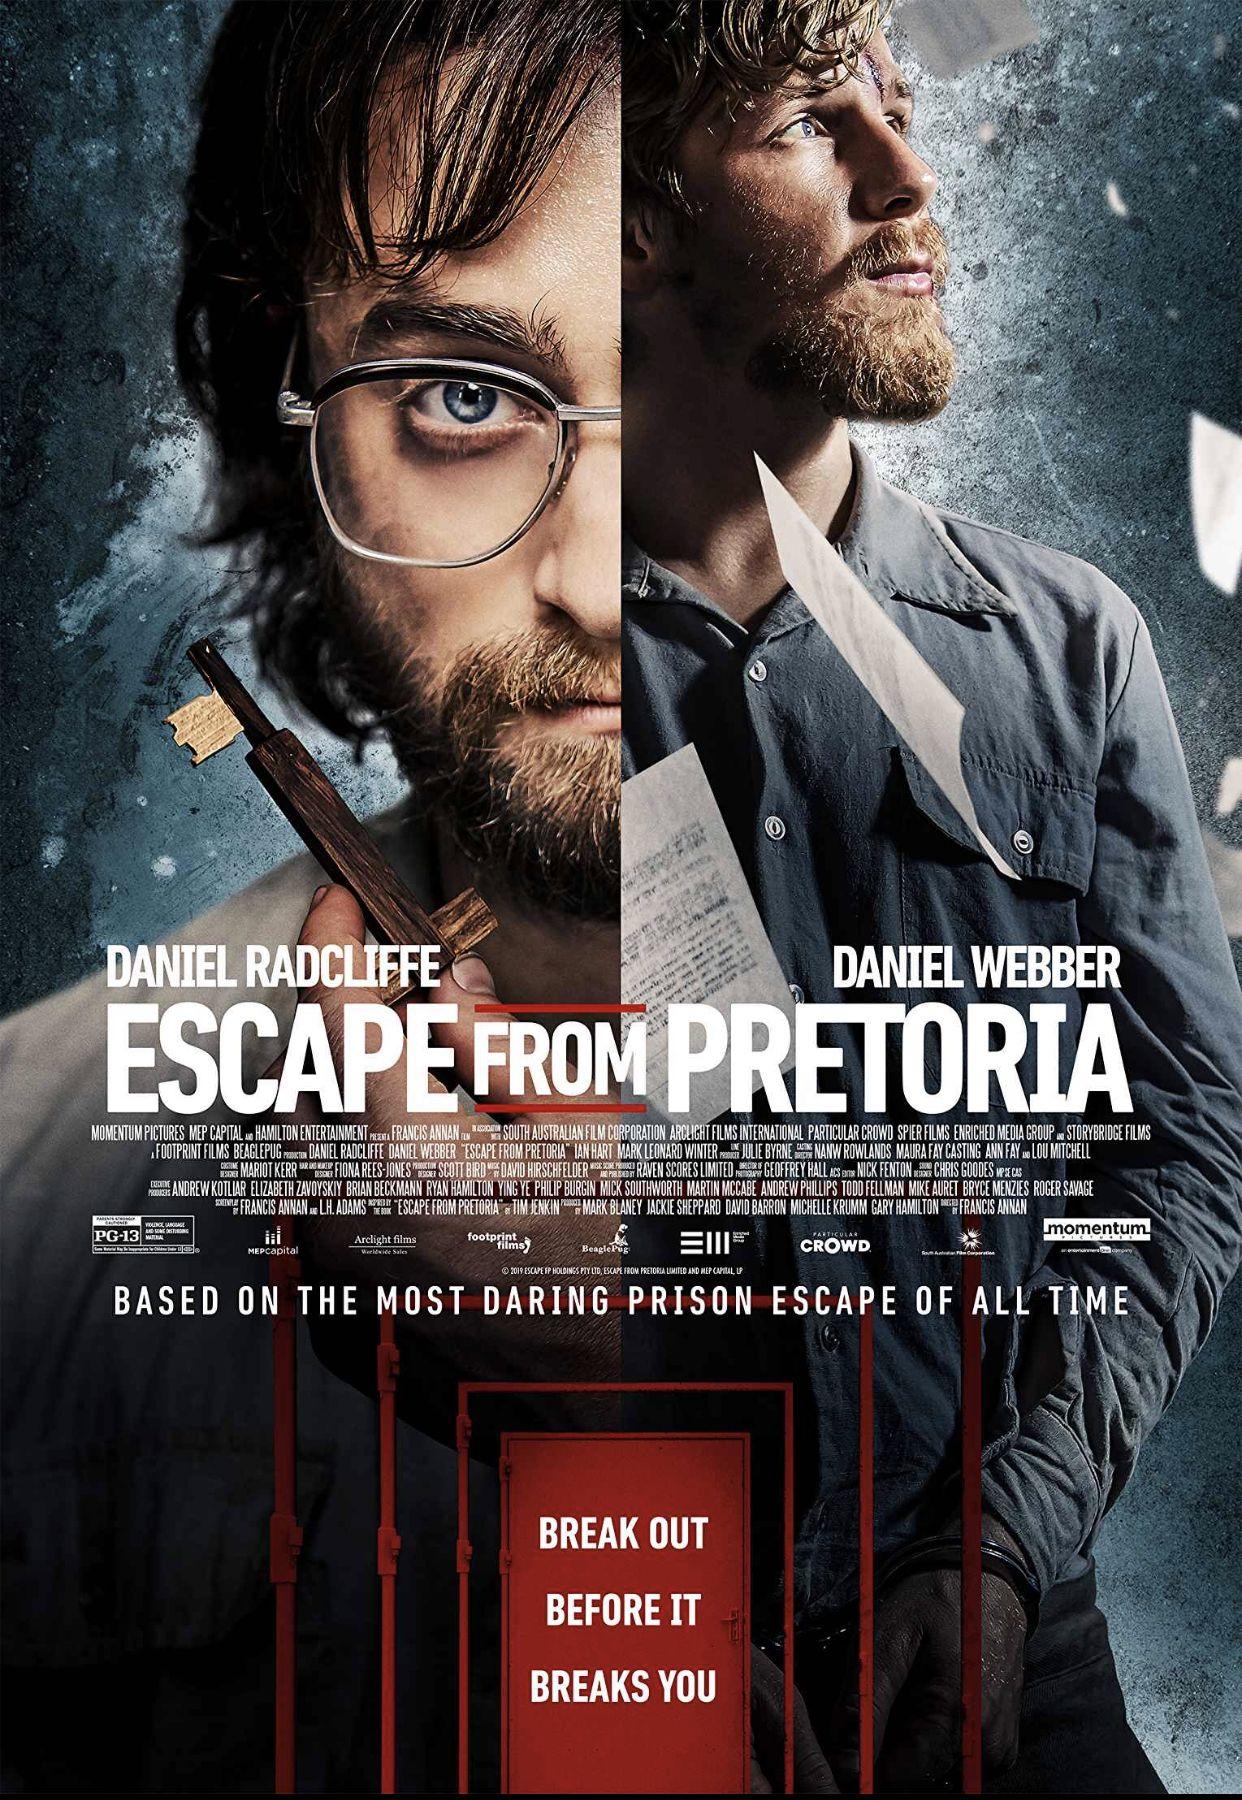 Pin By Fernando Rm On Movie Posters Prison Escape Pretoria Daniel Radcliffe